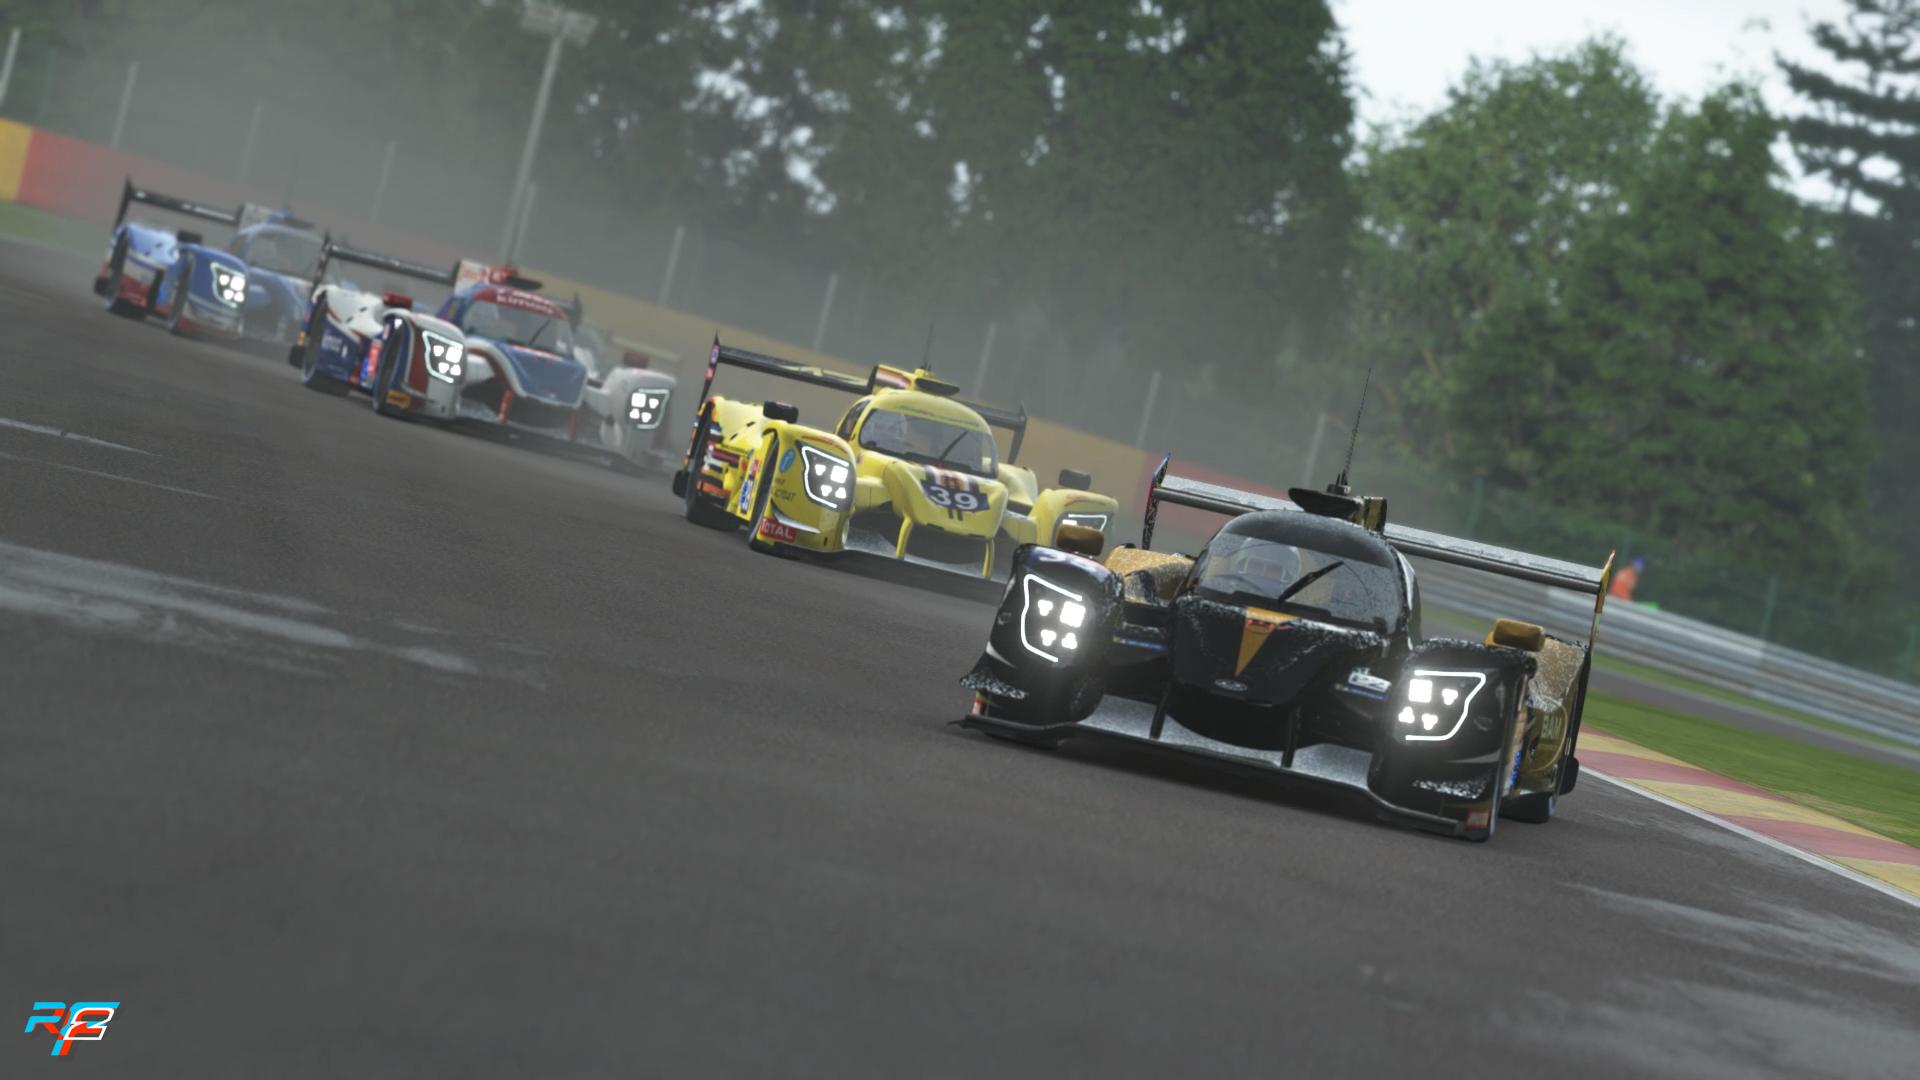 Ligier_LMP2_2020_03.jpg